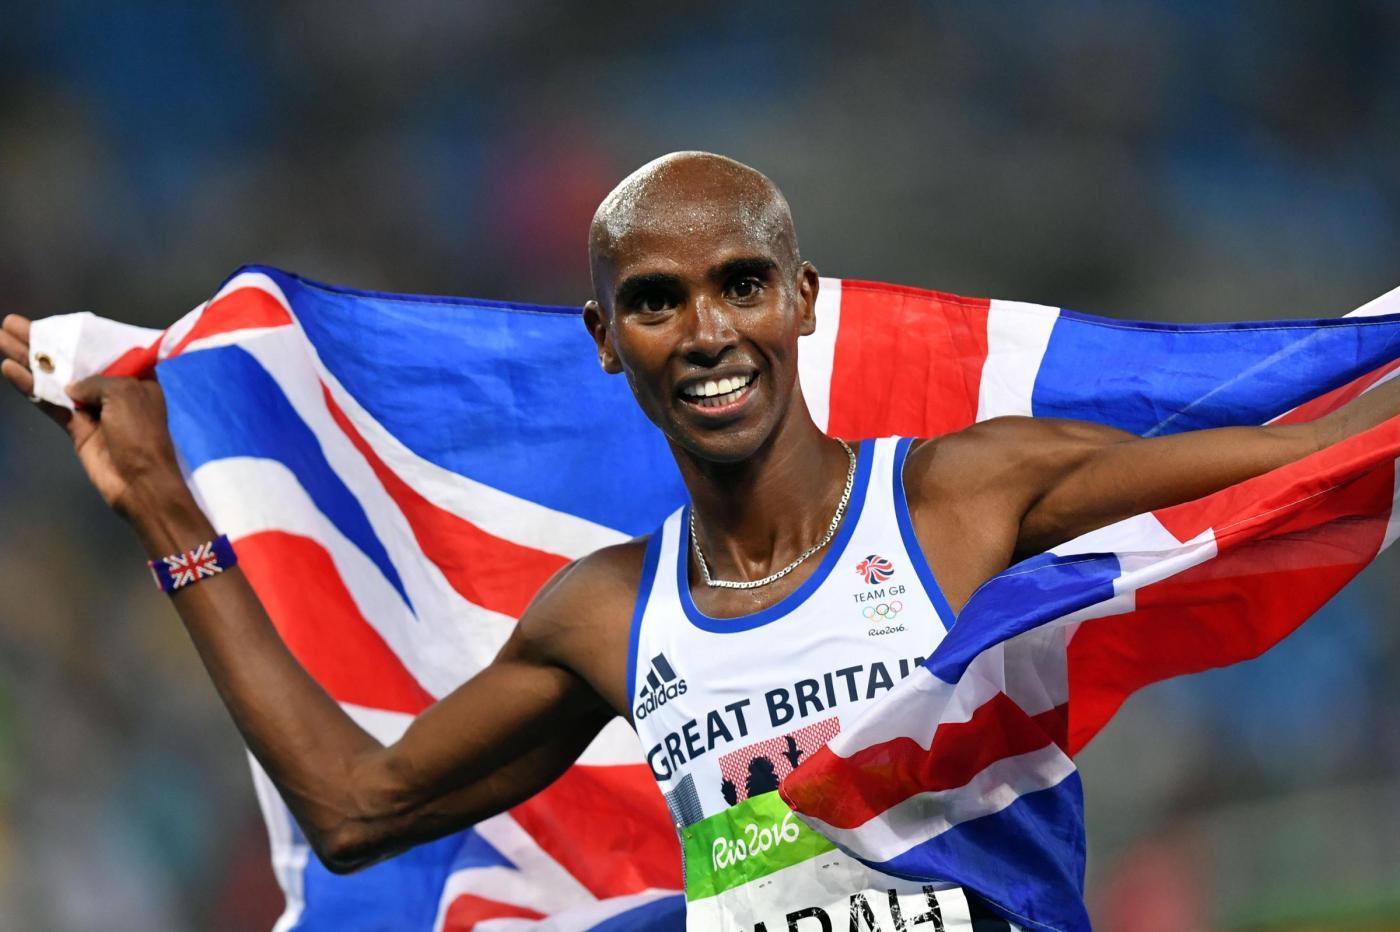 Finale 5000m uomini Giochi Olimpici Rio 2016